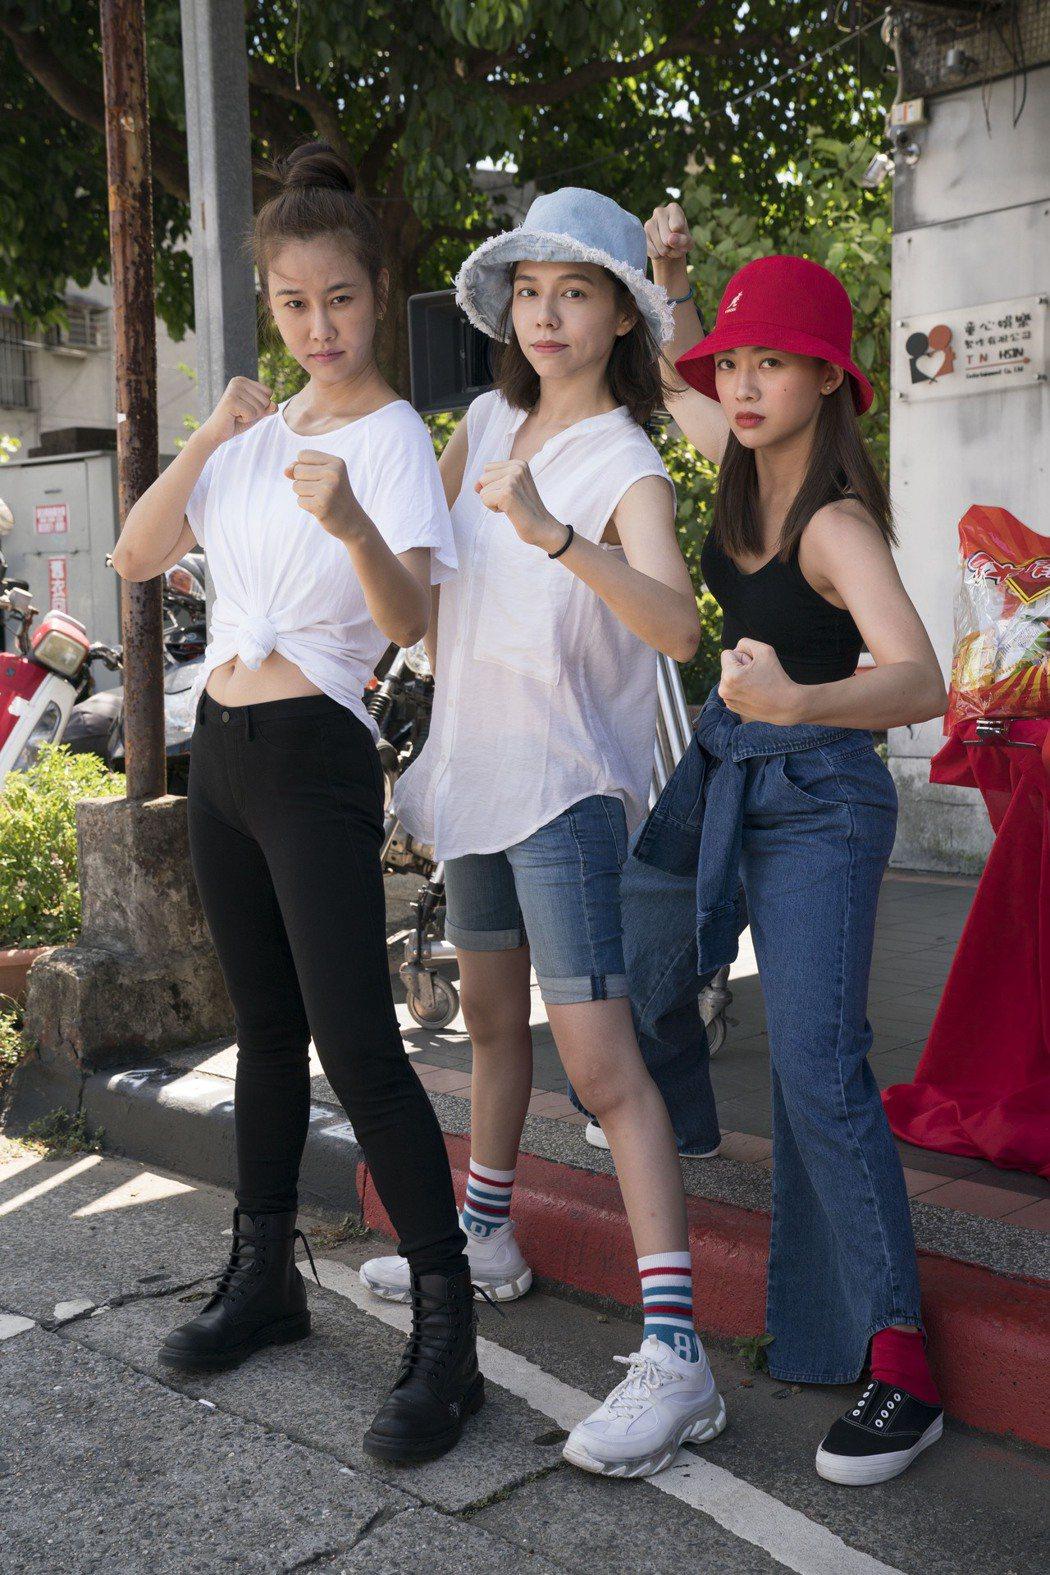 「女優,摔吧」正式開鏡,黃心娣(左起)、夏于喬以及鬼鬼將挑戰摔角。圖/滿滿額提供